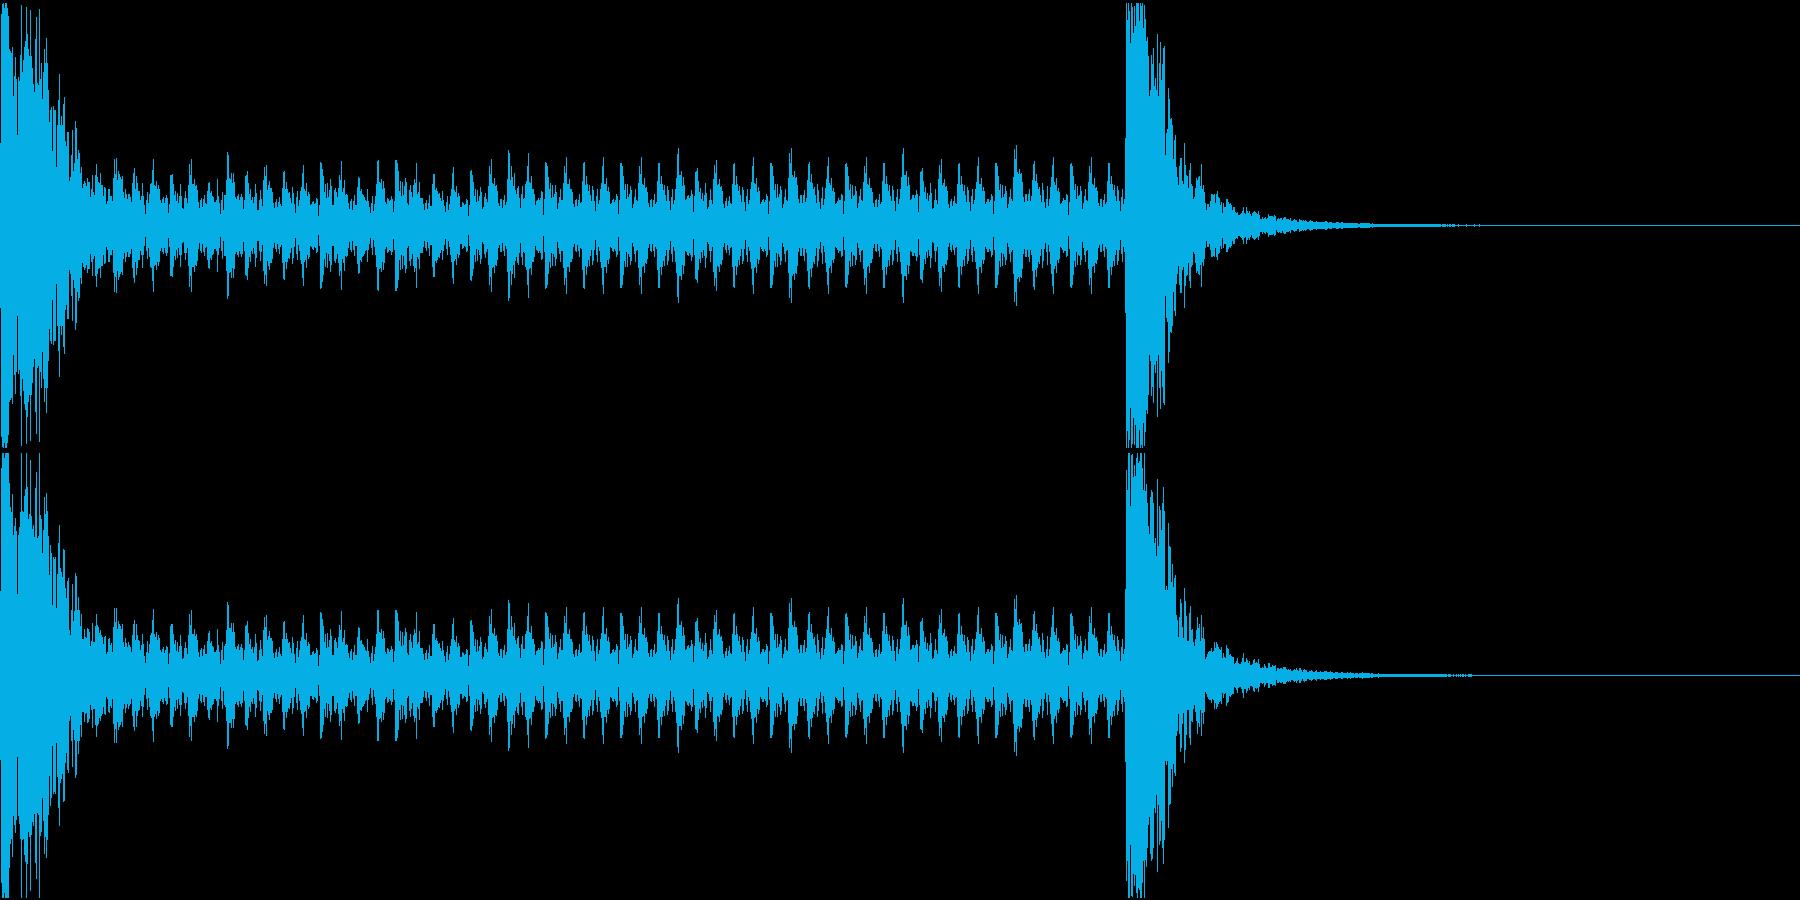 和風ドラムロール[和太鼓、鼓]10秒_2の再生済みの波形